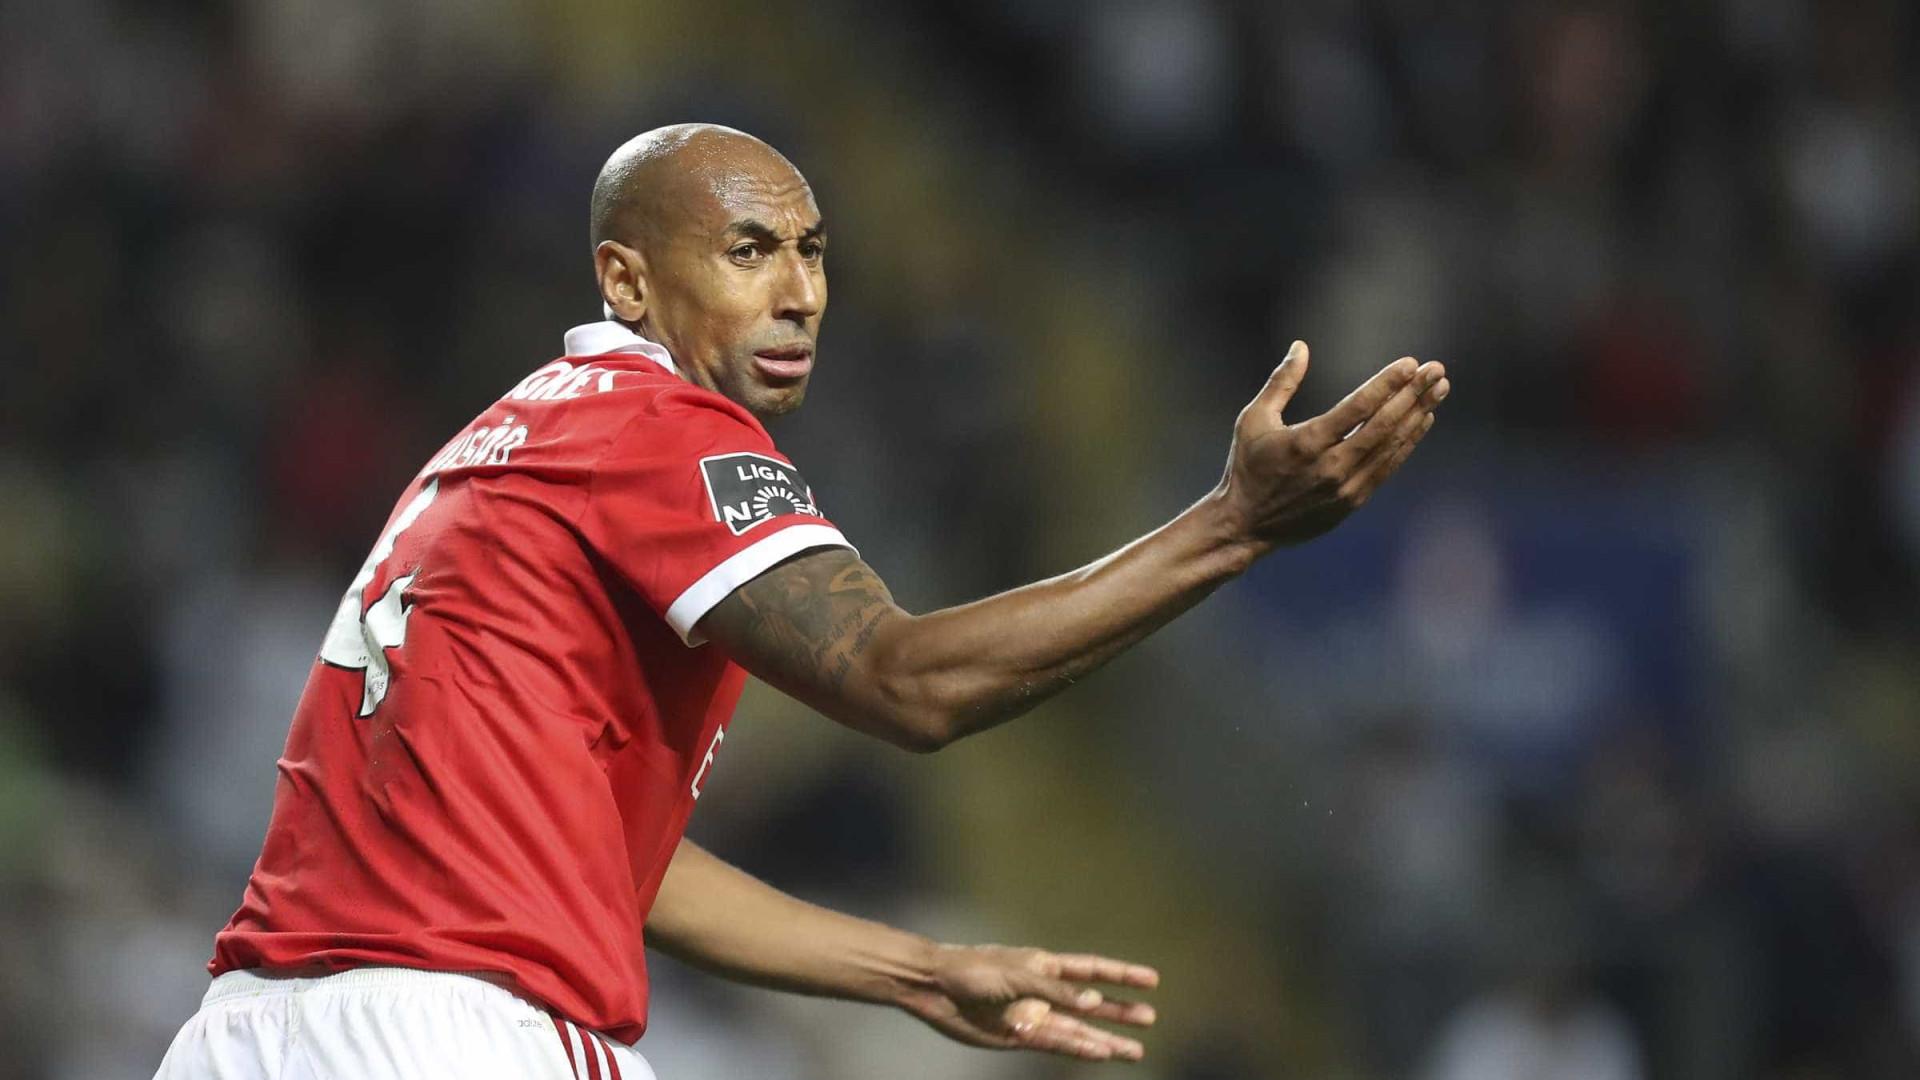 Benfica assinala aniversário de Luisão com vídeo emotivo